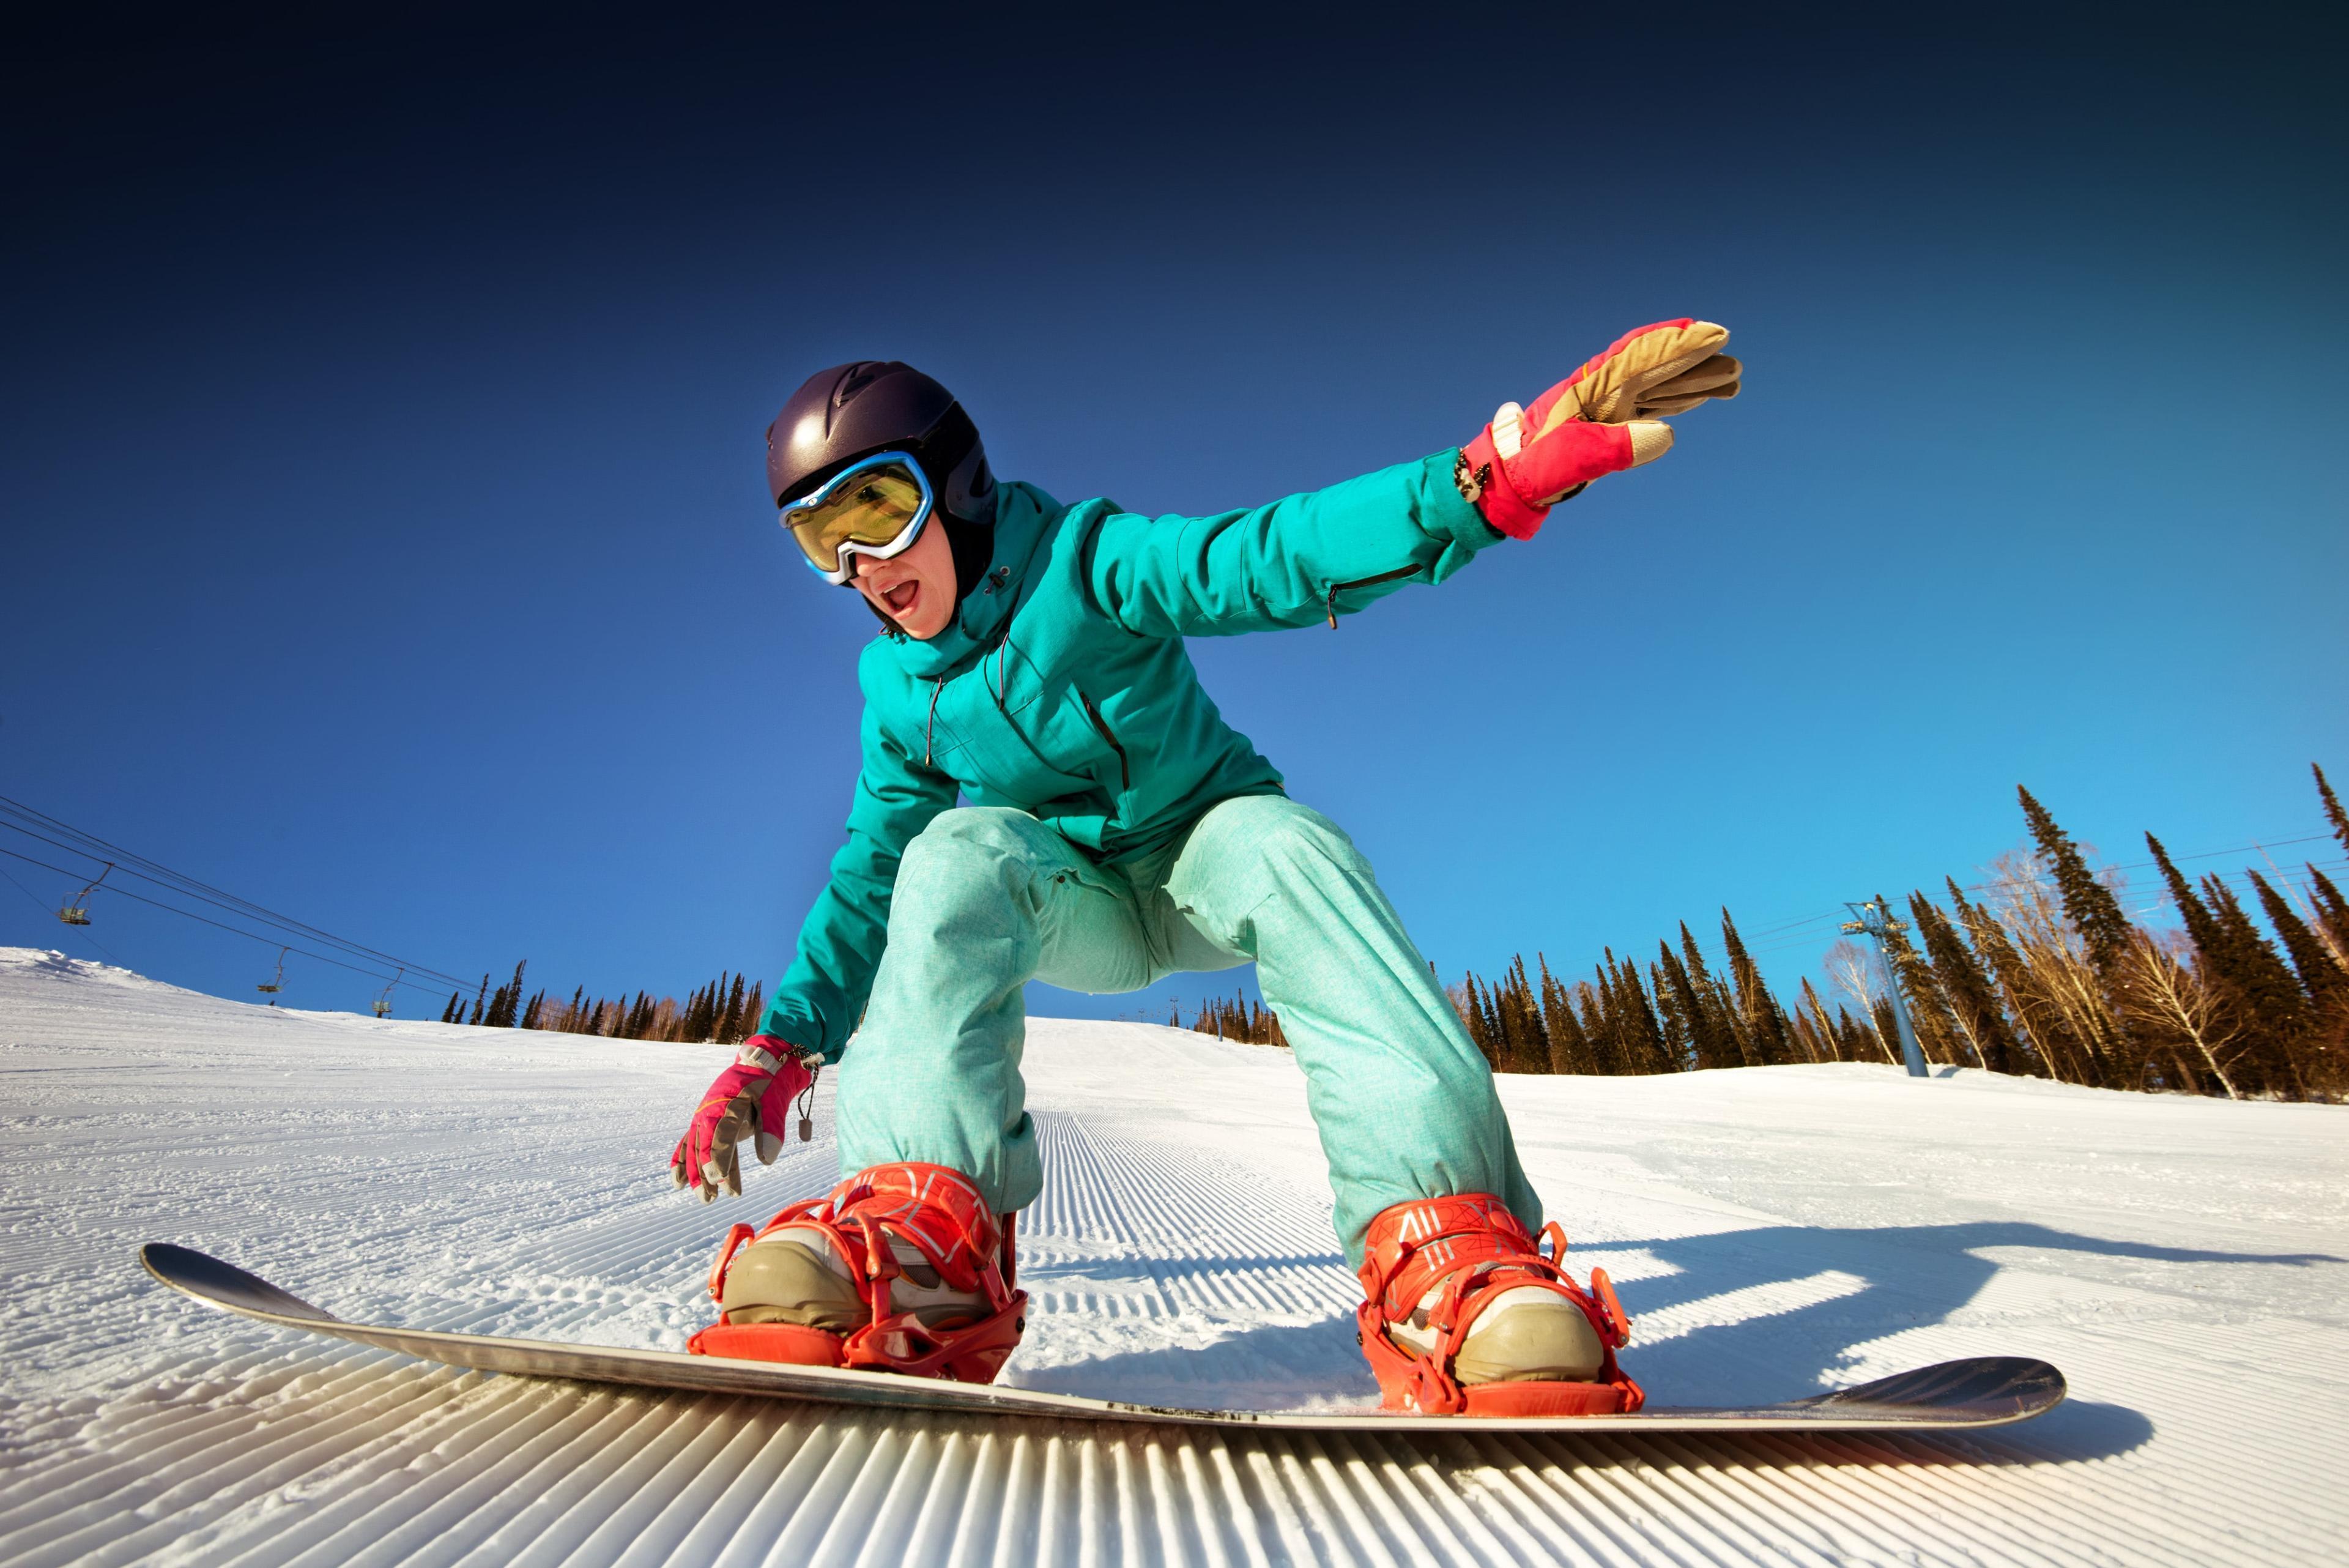 Snowboardkurs für Kinder & Erwachsene - Alle Levels